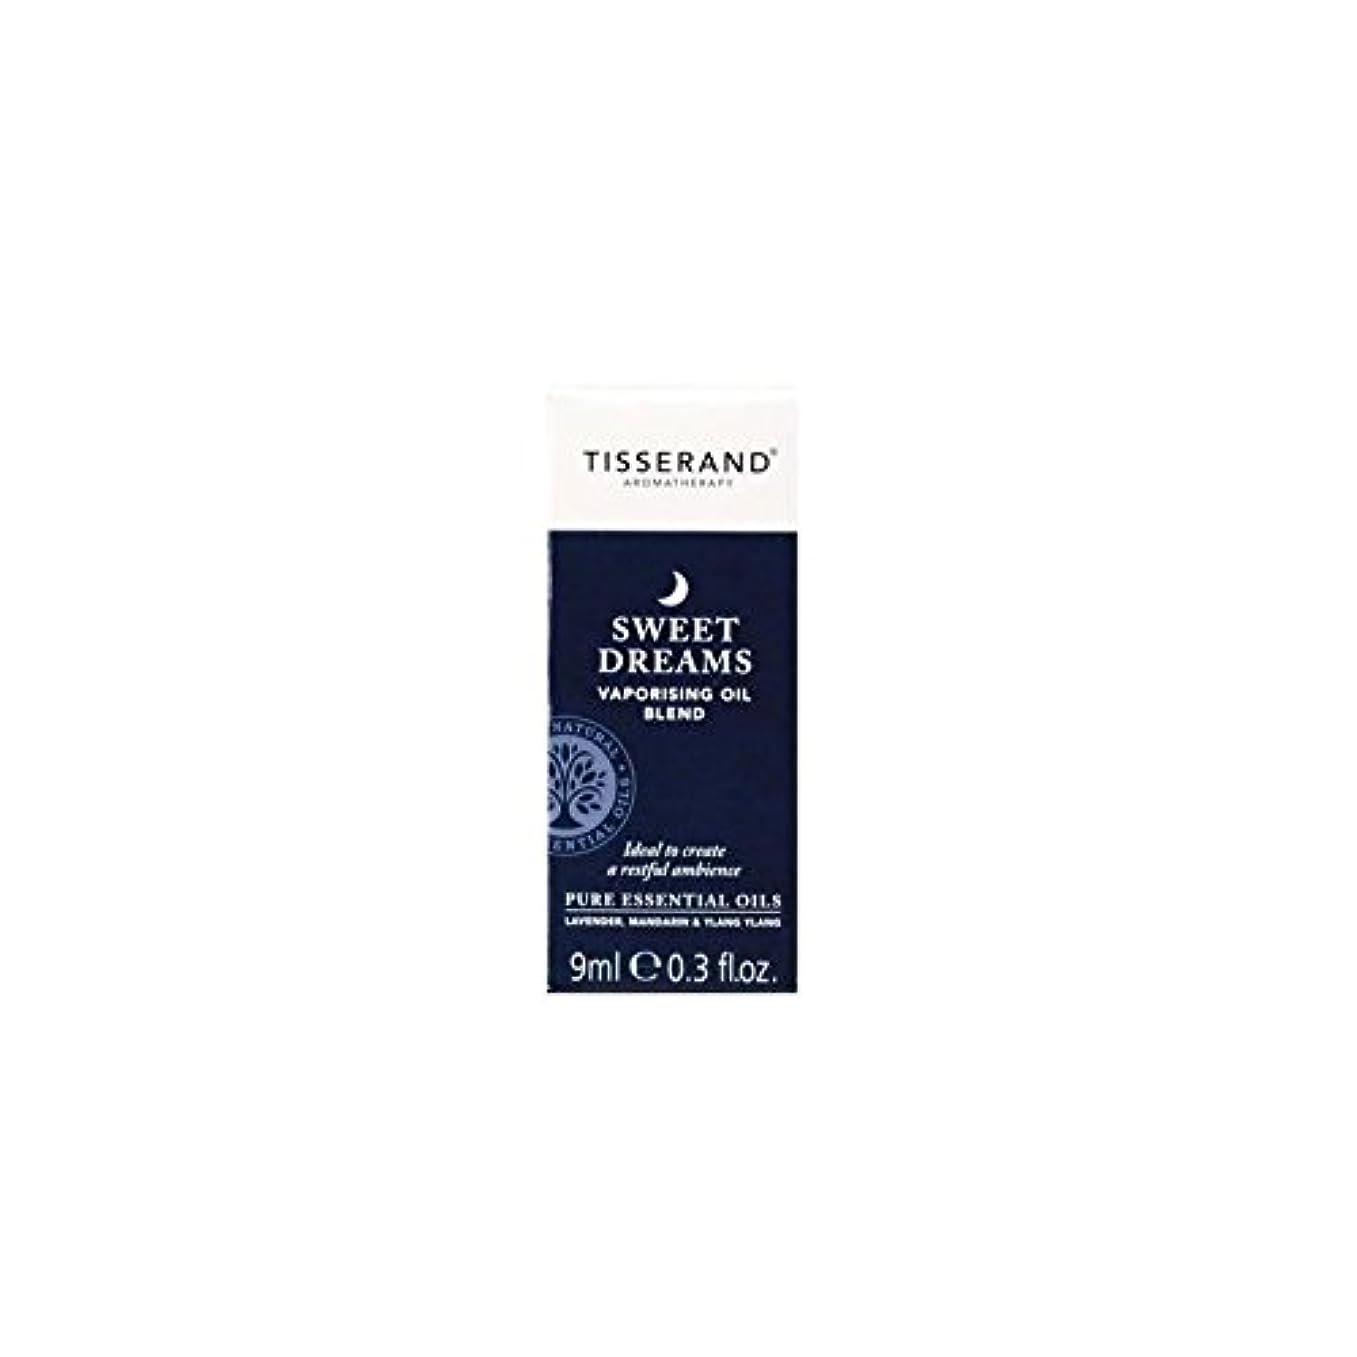 直接出くわす消えるオイル9ミリリットルを気化甘い夢 (Tisserand) (x 4) - Tisserand Sweet Dreams Vaporising Oil 9ml (Pack of 4) [並行輸入品]